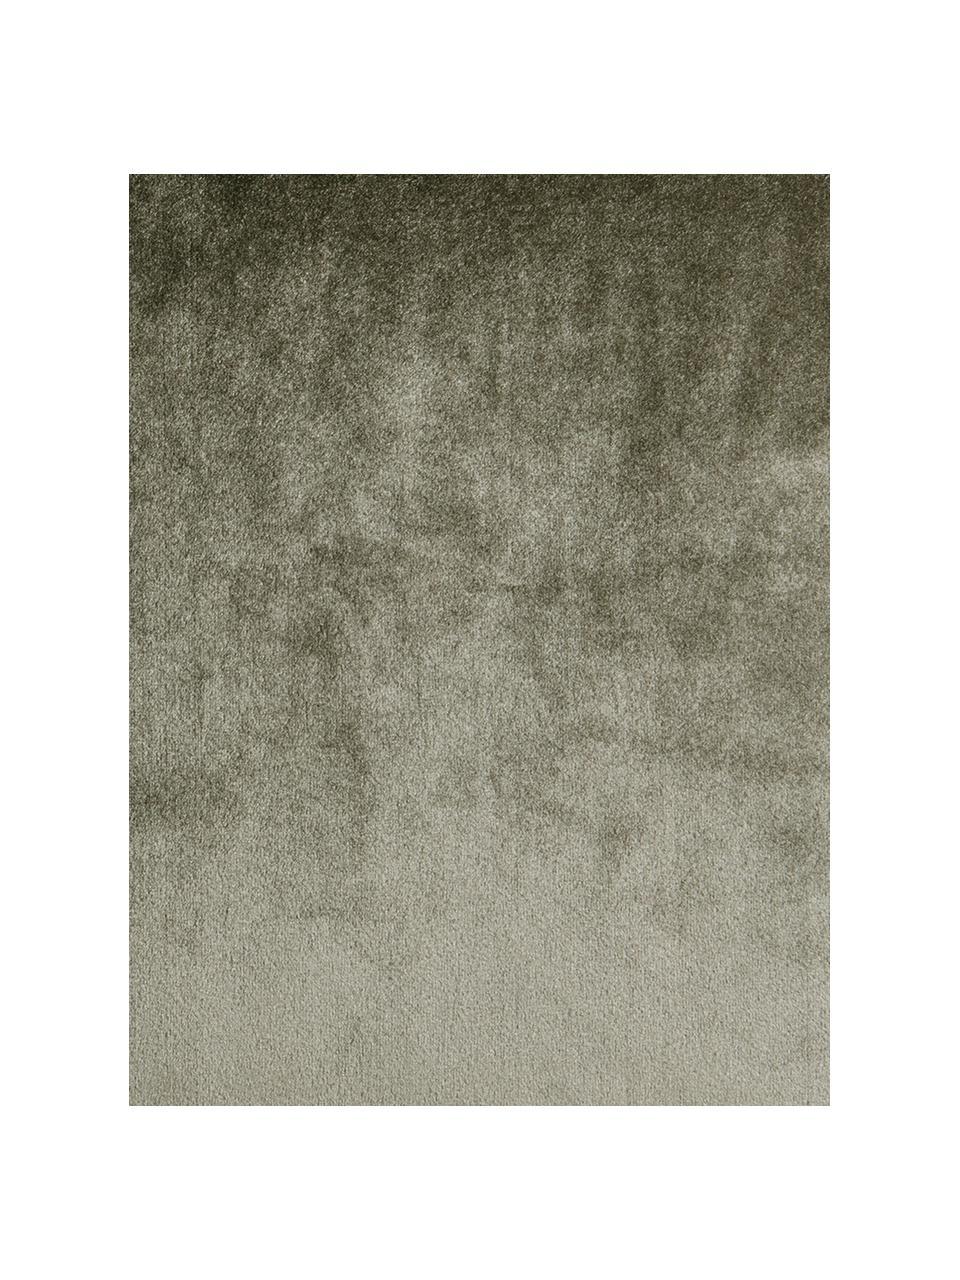 Fluwelen kussen Ombre in kaki met franjes, met vulling, Kakikleurig, 45 x 45 cm